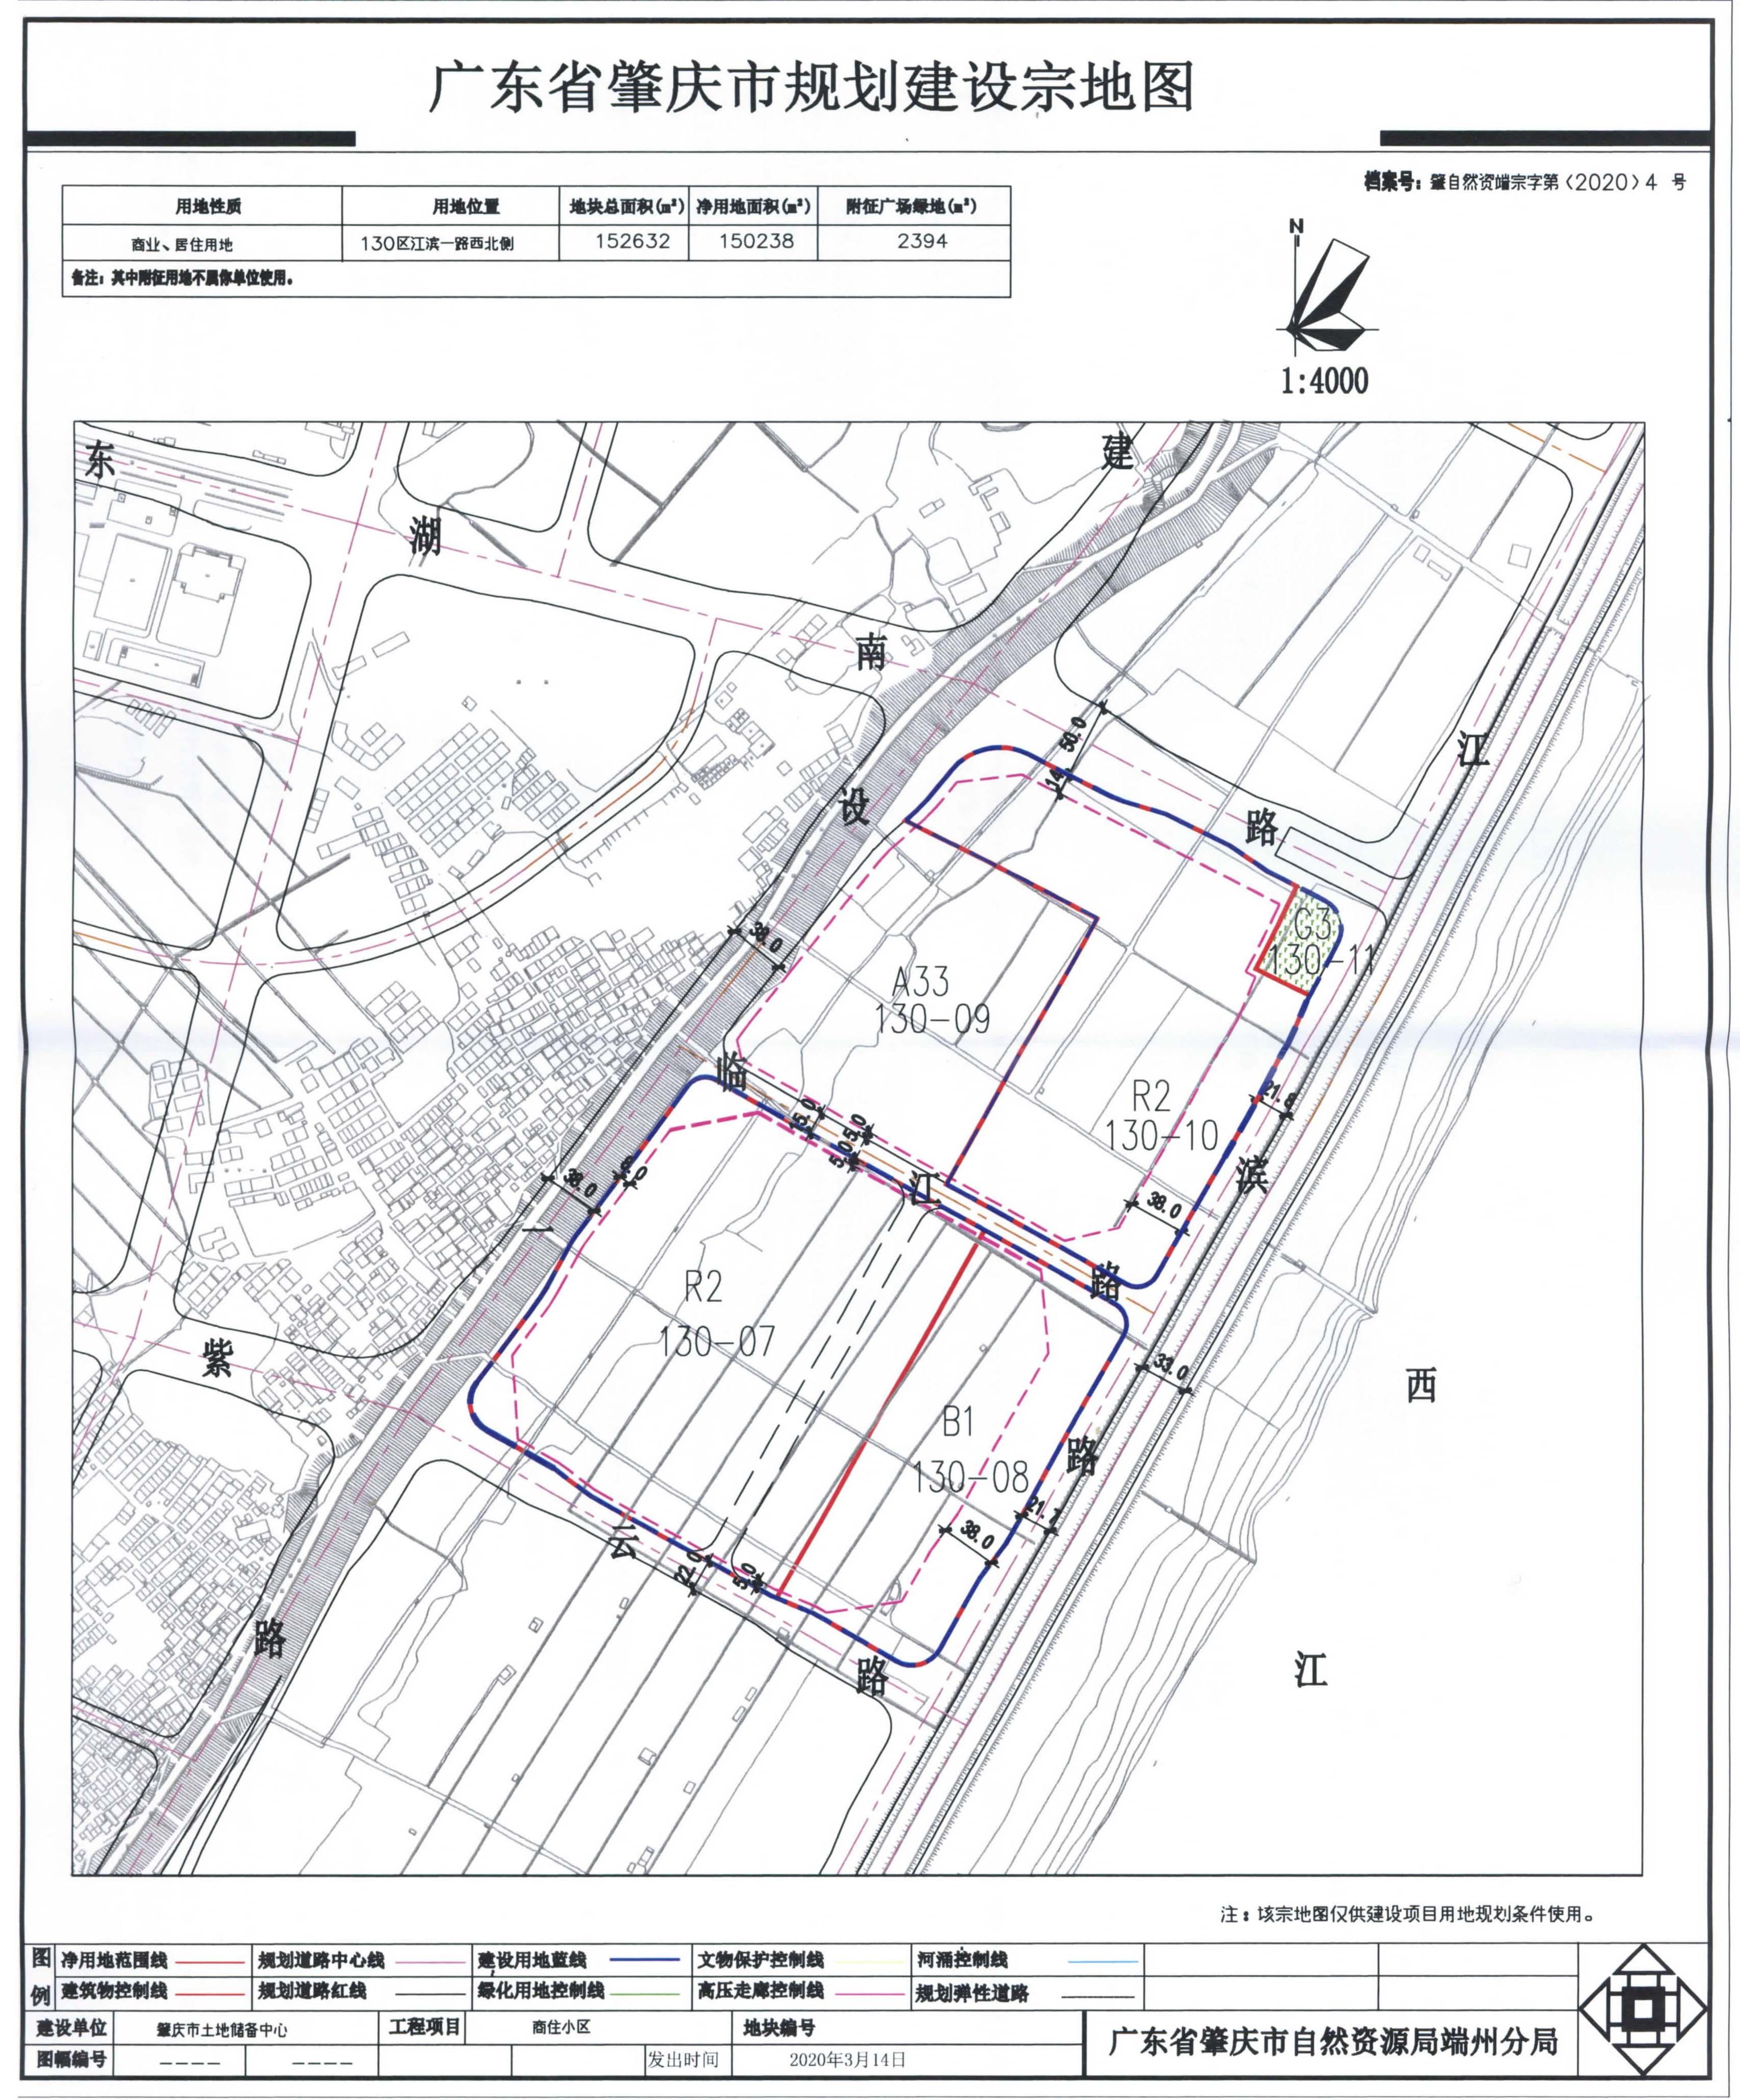 建设项目宗地规划设计条件和广东省肇庆市规划建设宗地图-2.jpg